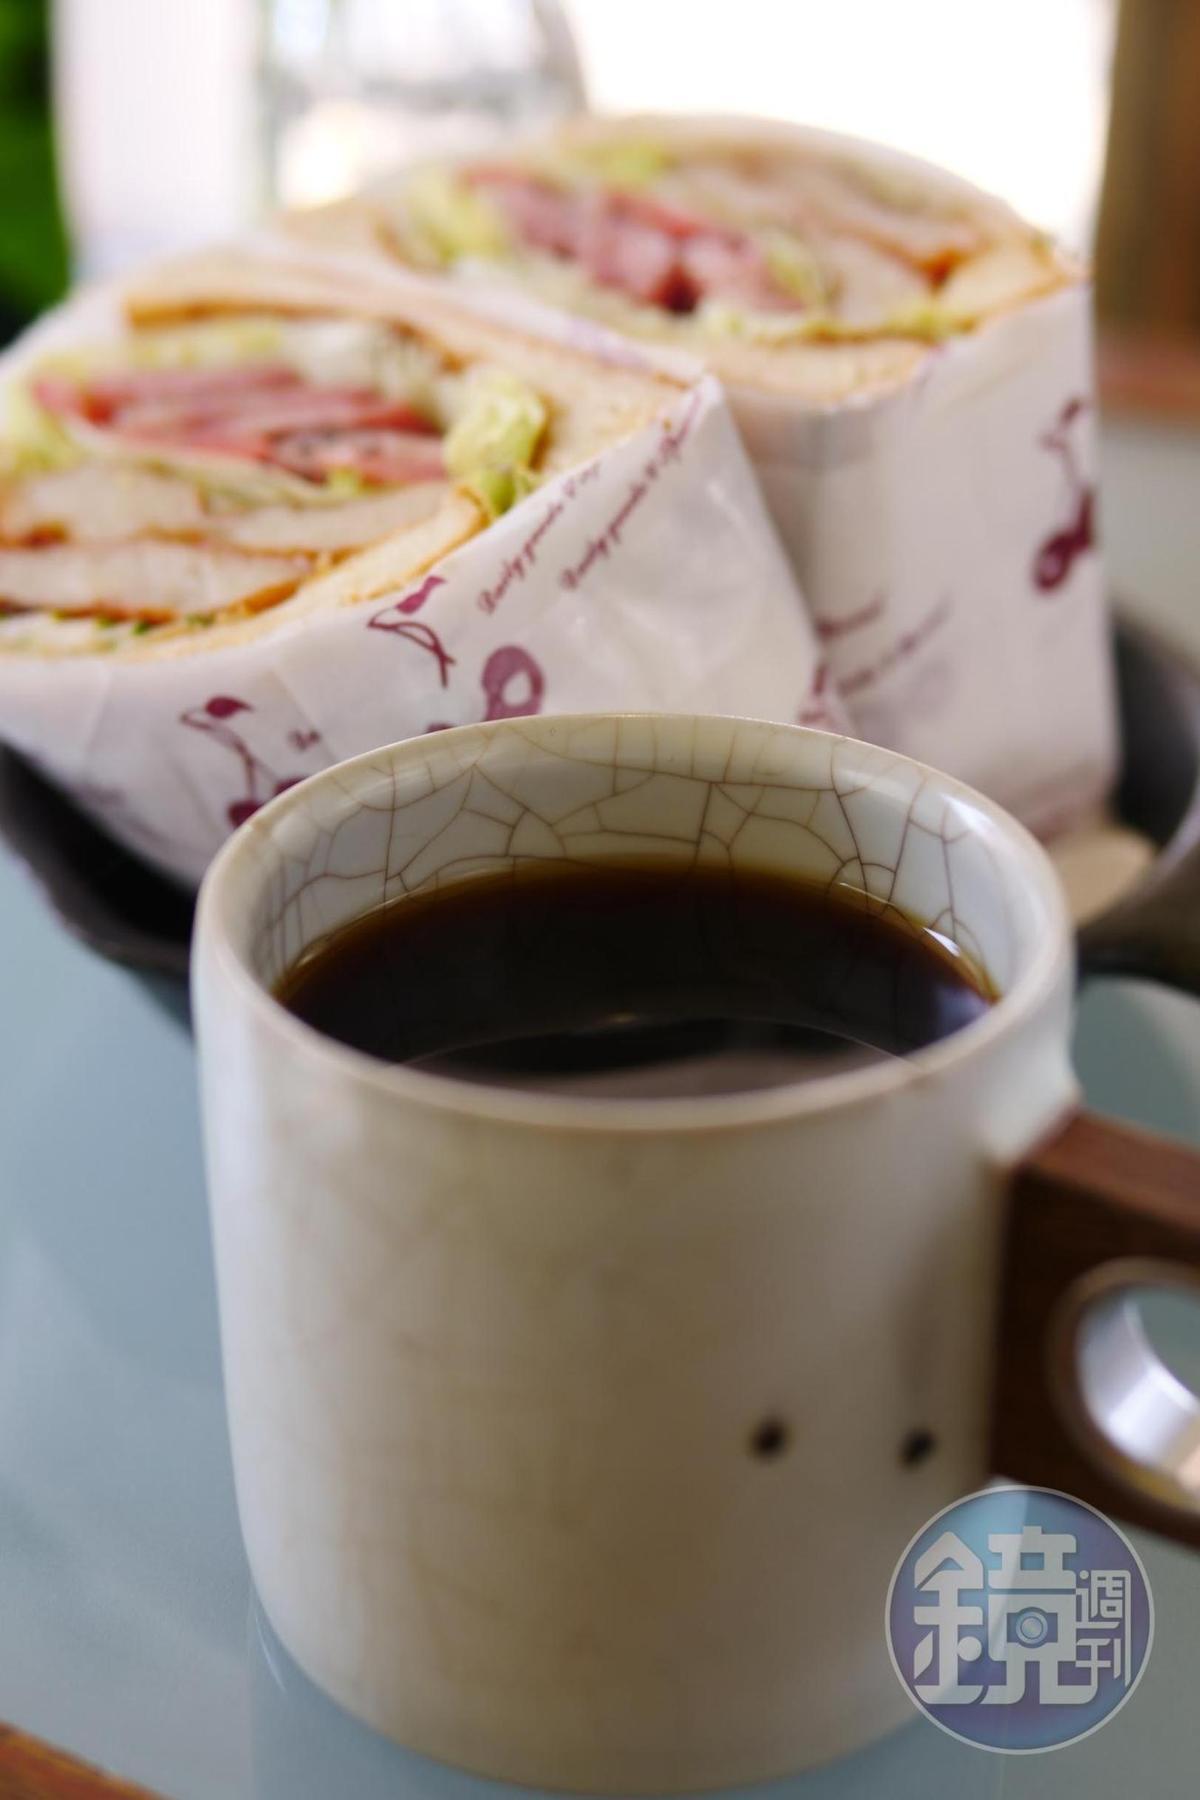 柳建名特別研發,有委託行情感與老基隆人味道的「舶來品咖啡」,(140元起/杯)。